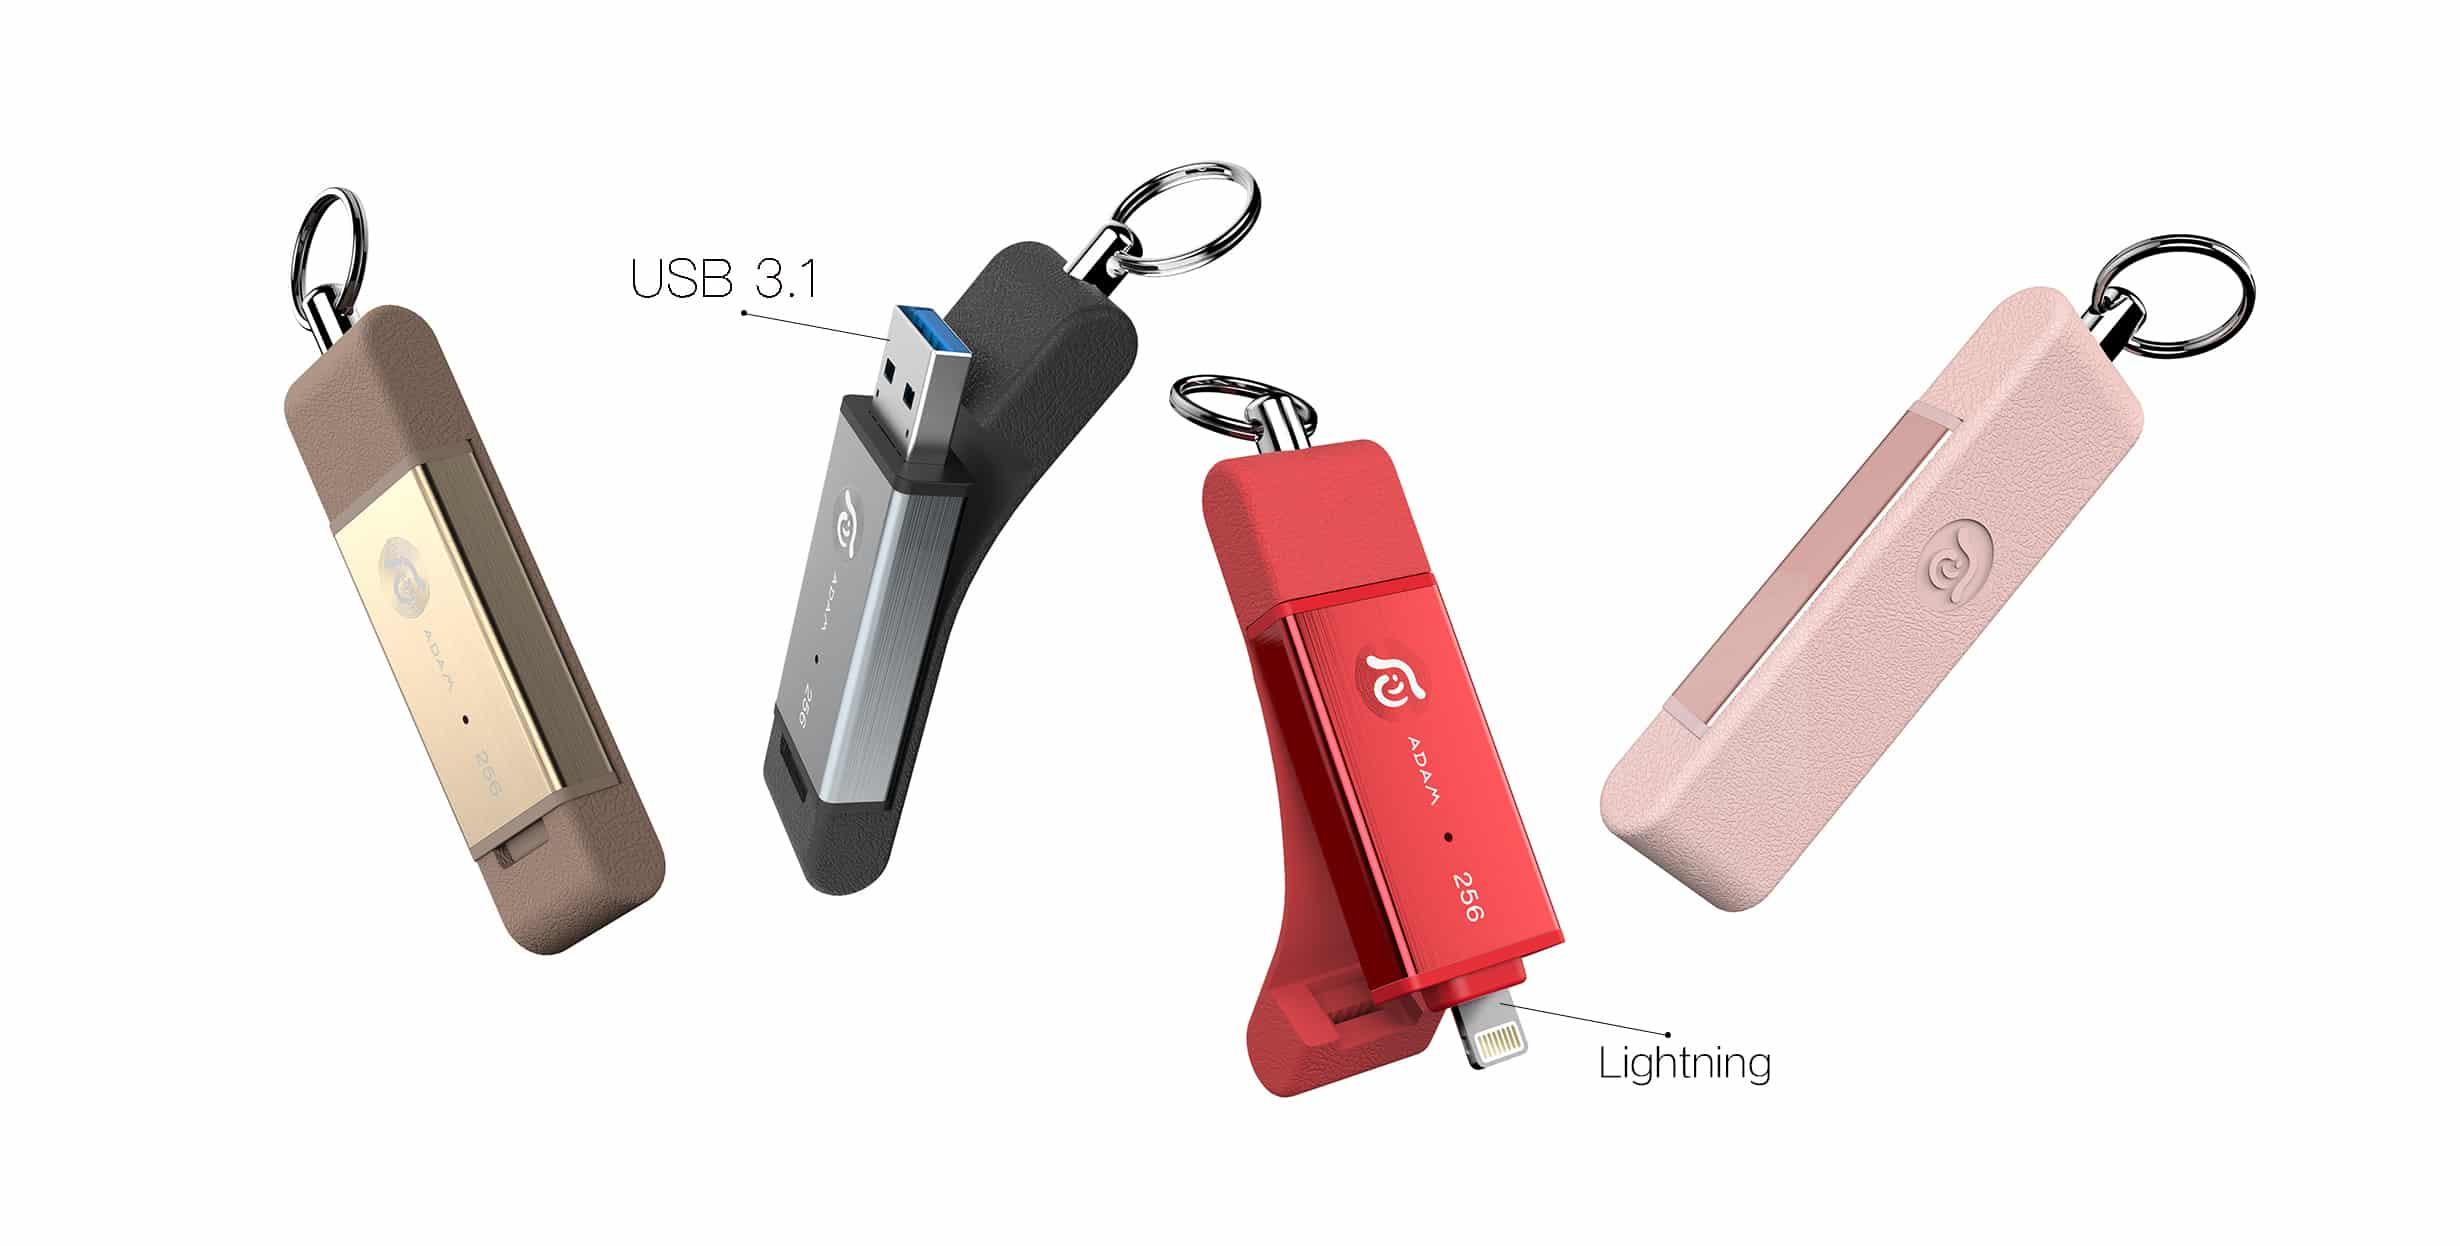 iKlips Duo, une clé USB Lightning ultra rapide pour iPhone et iPad